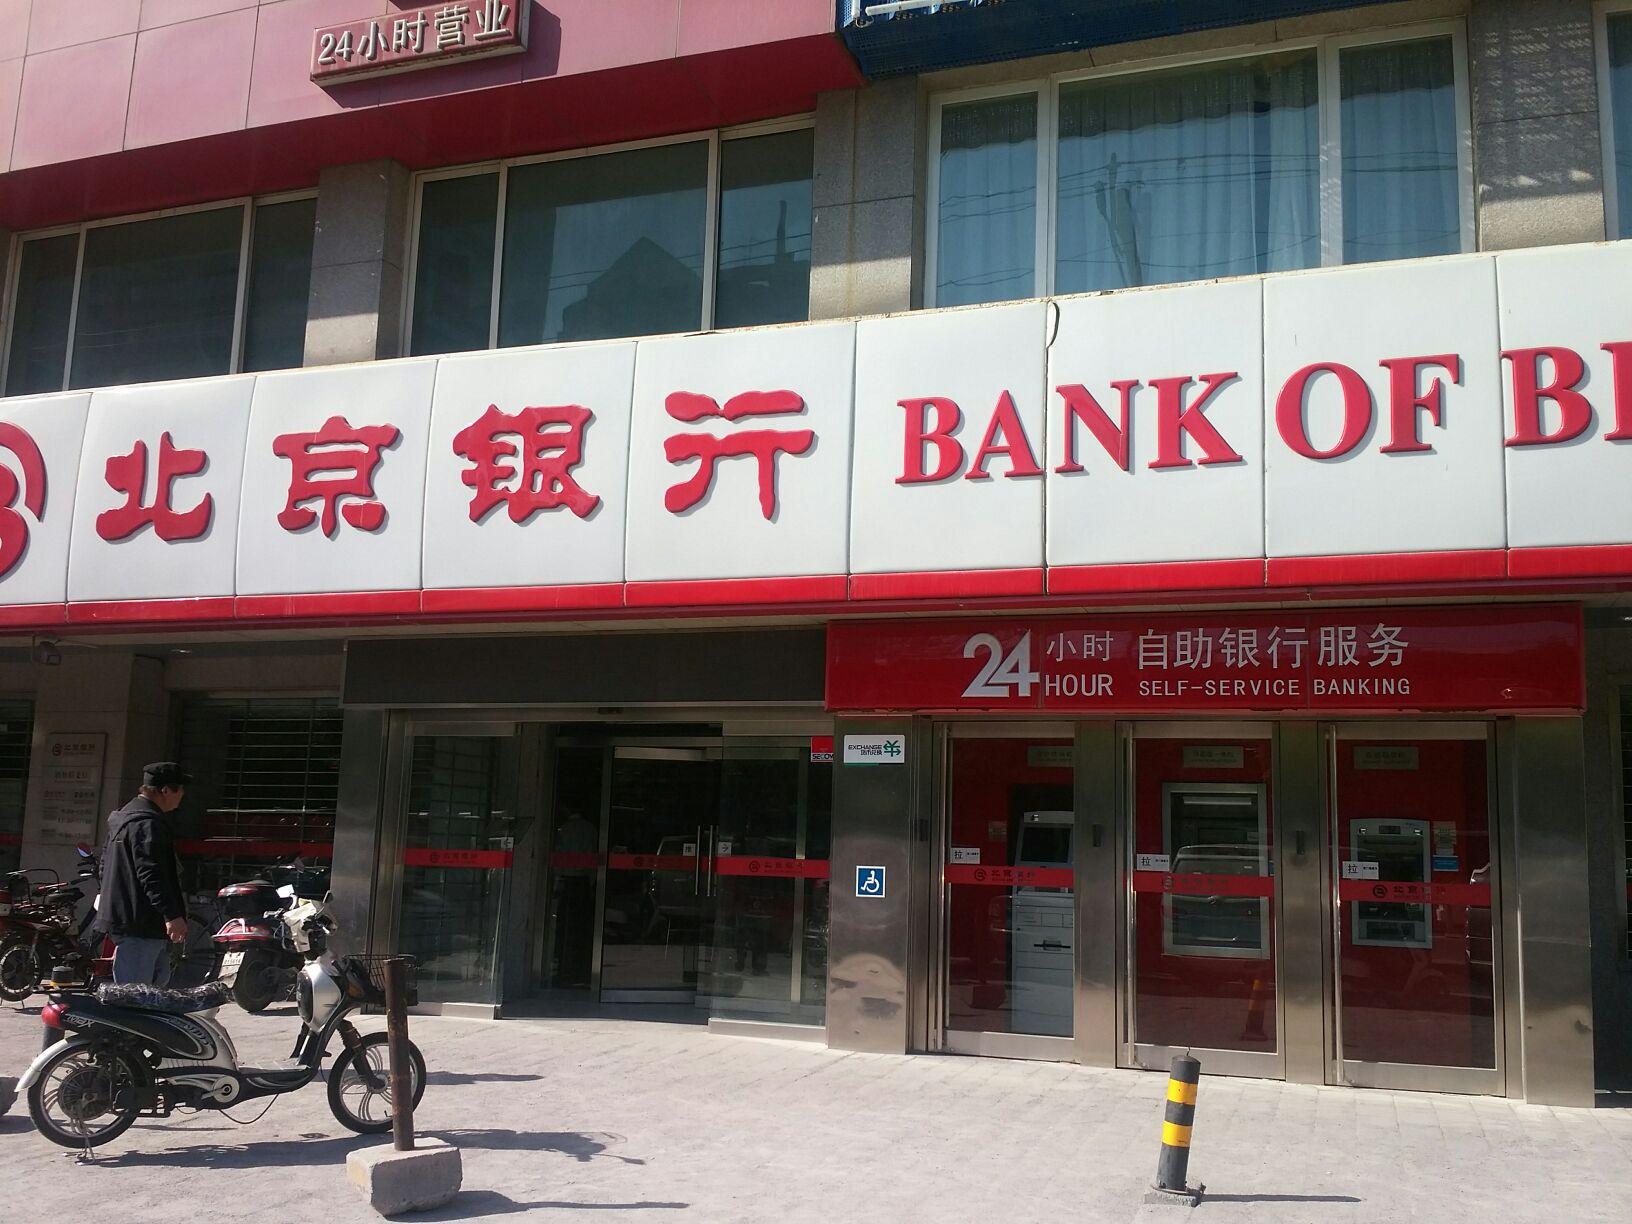 北京银行有五险一金吗 华律网住房公积金专题